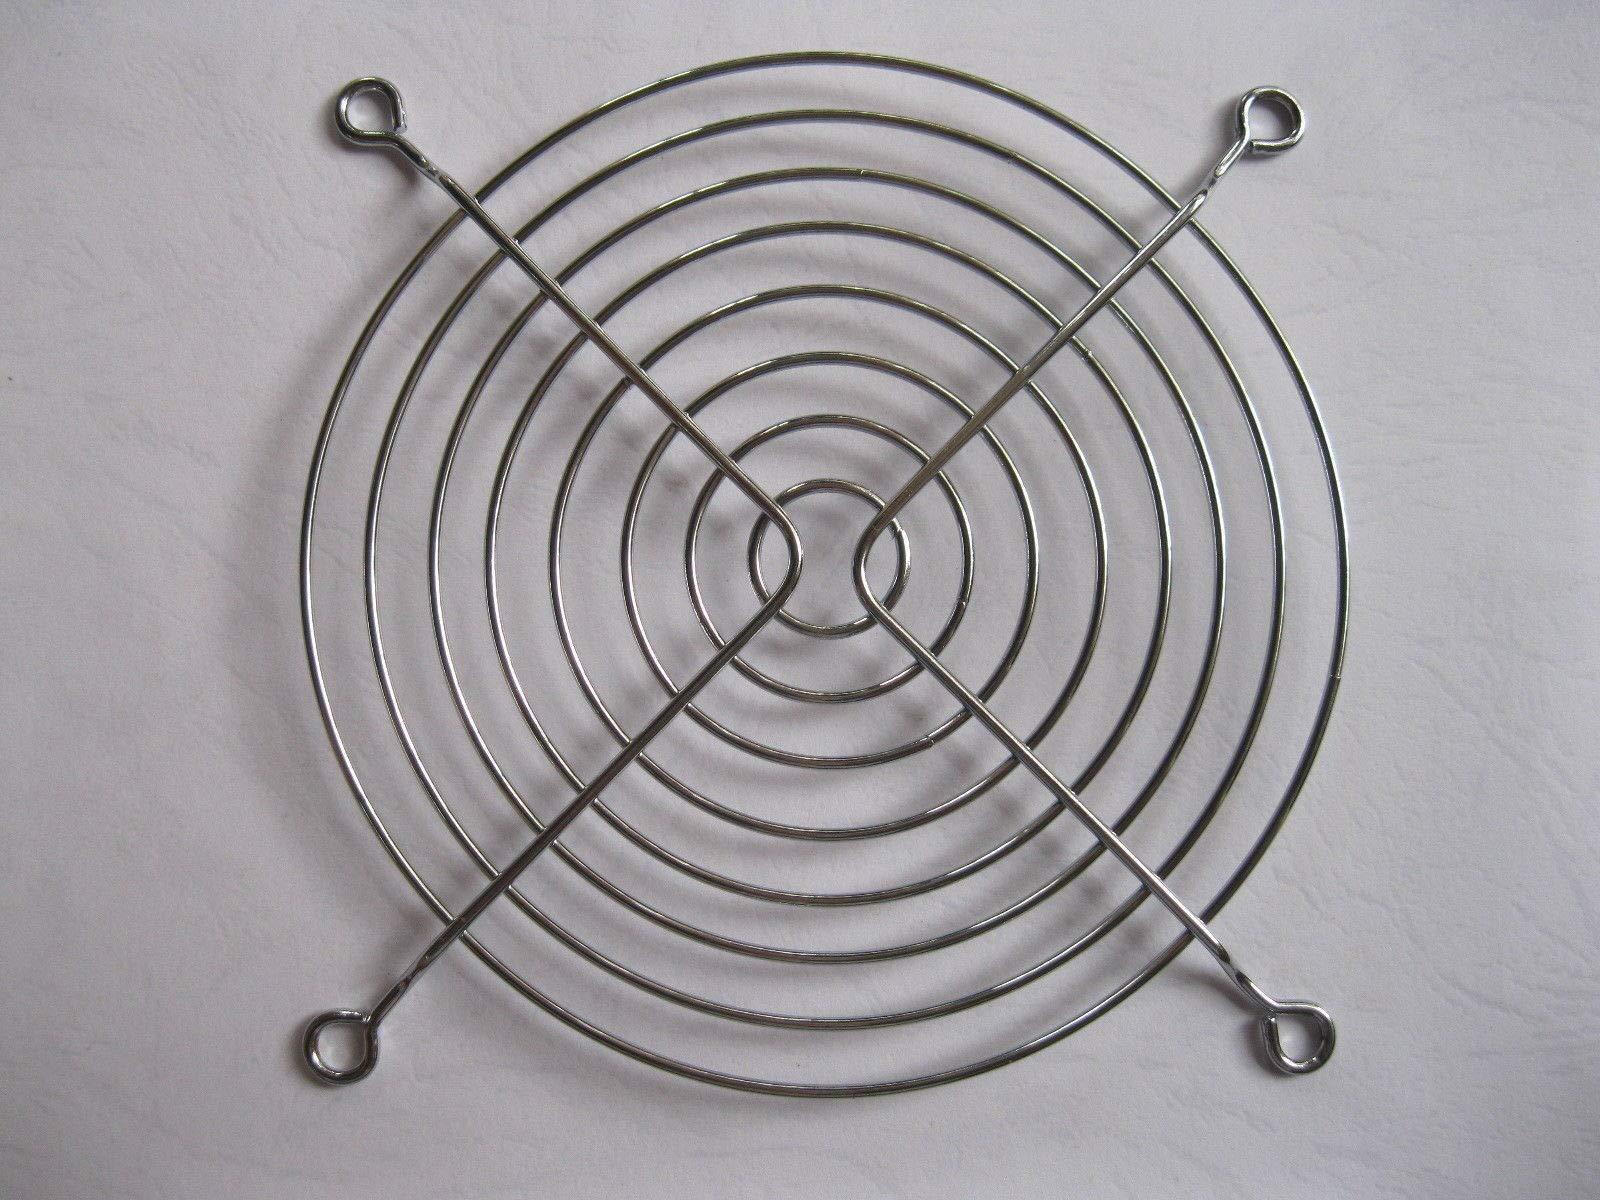 FidgetFidget 30 pcs DC Fan Grill Protector Silver Metal Finger Guard Used for 120mm Fan